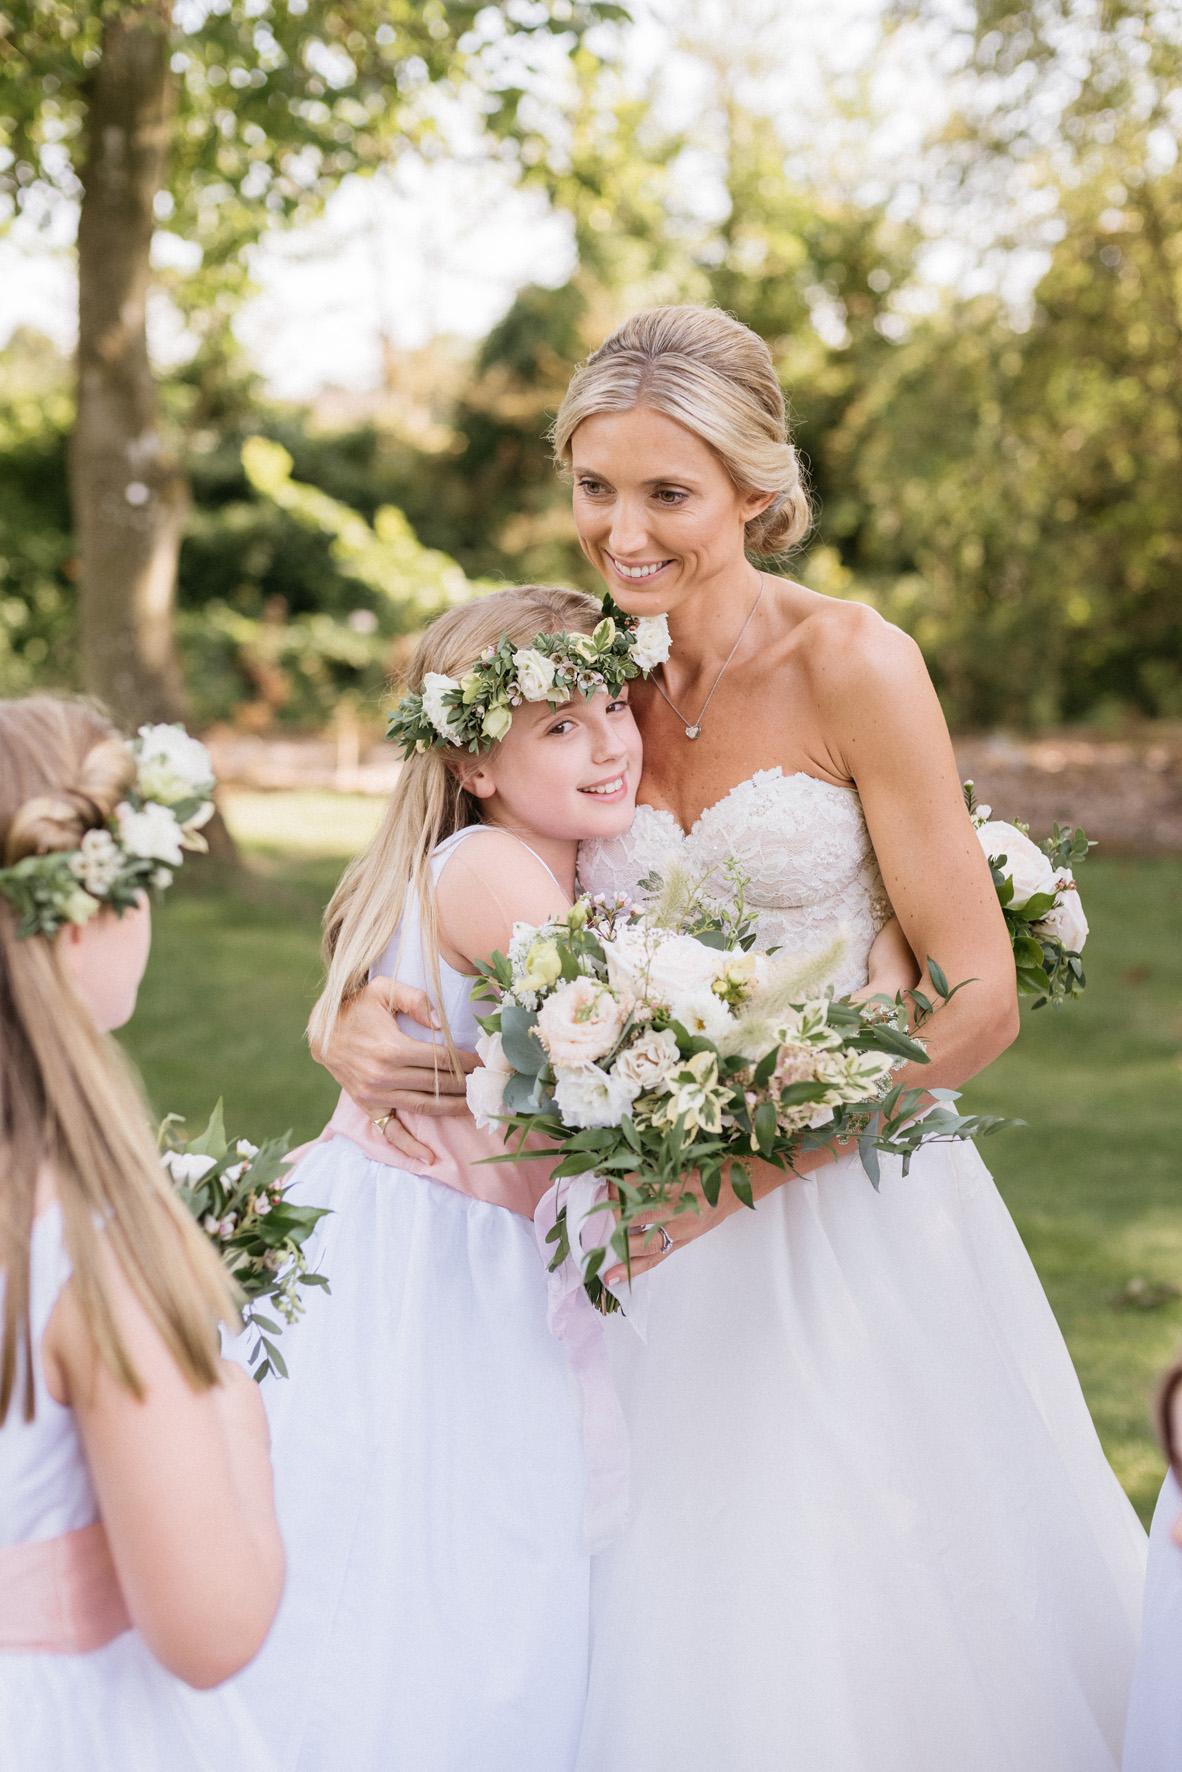 The bride and her flower girls wearing Little Eglantine flower girl dresses